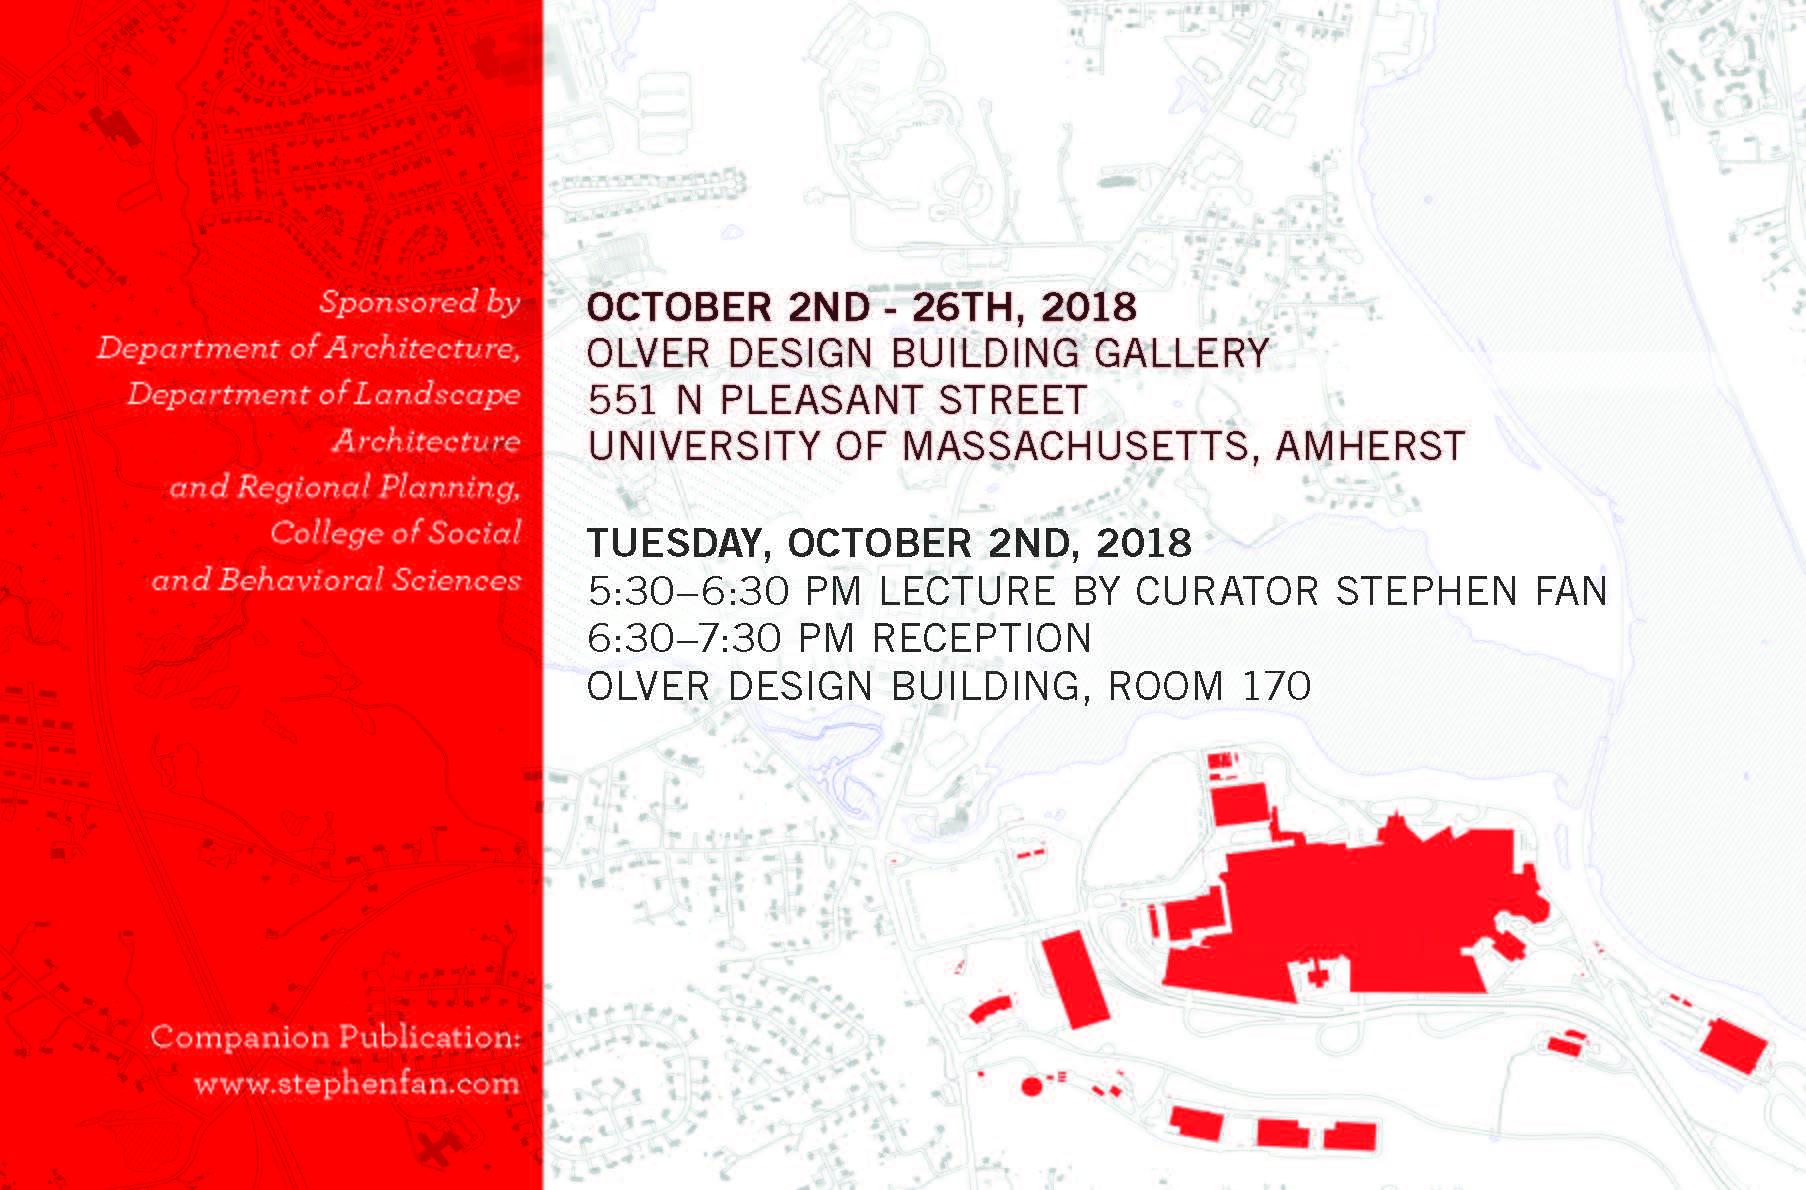 stephen fan exhibition Oct 2, 2018